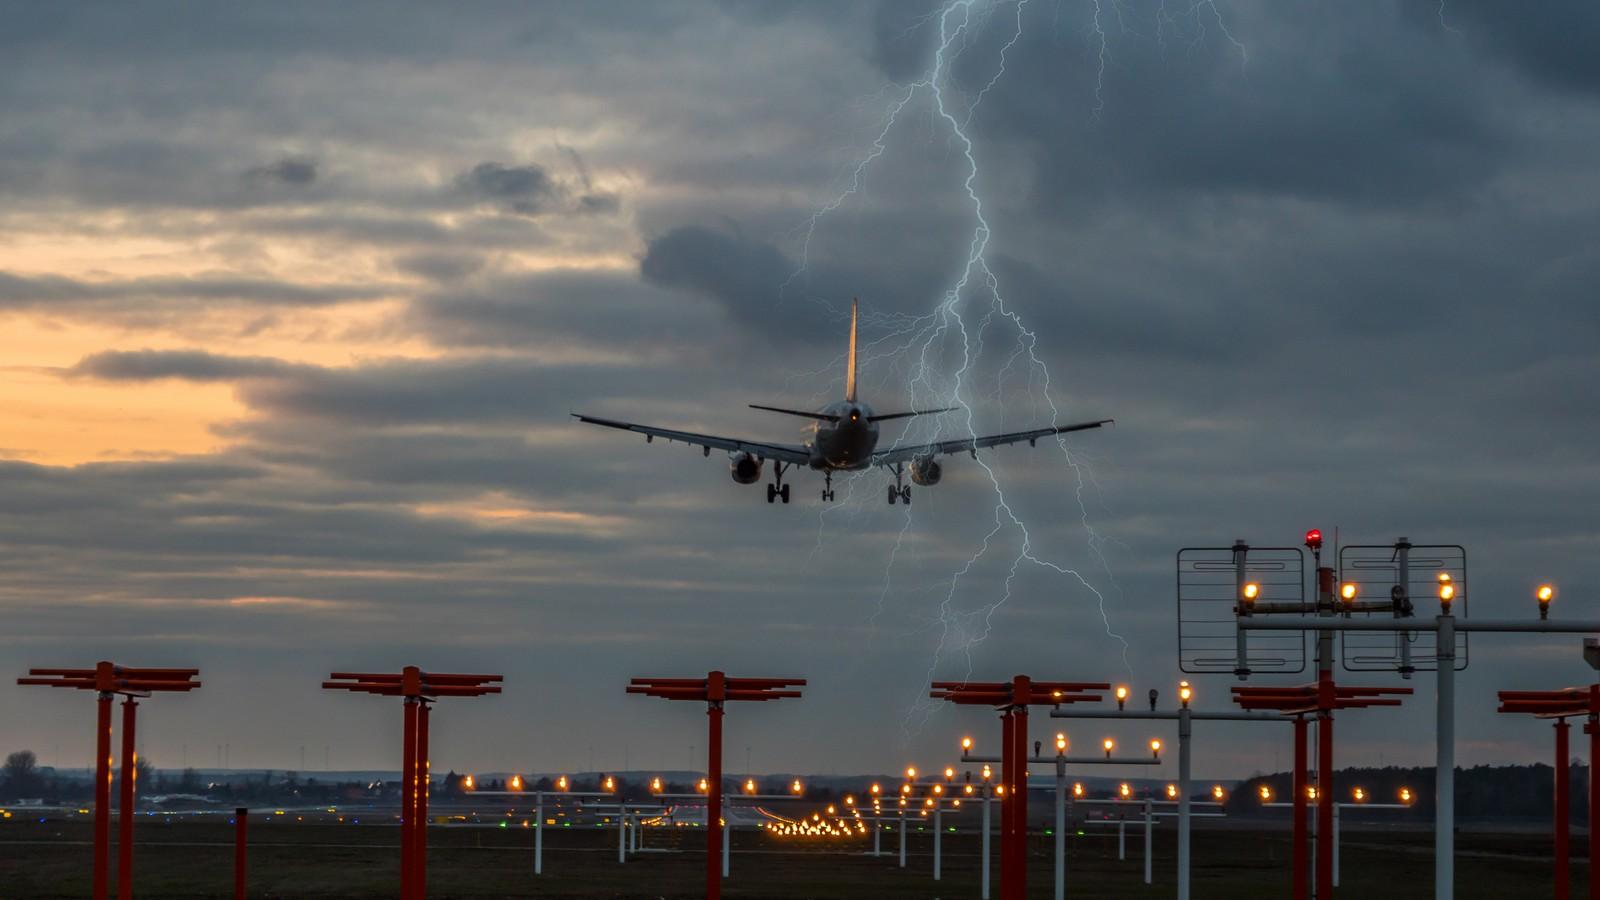 Gewitter bei Landeanflug